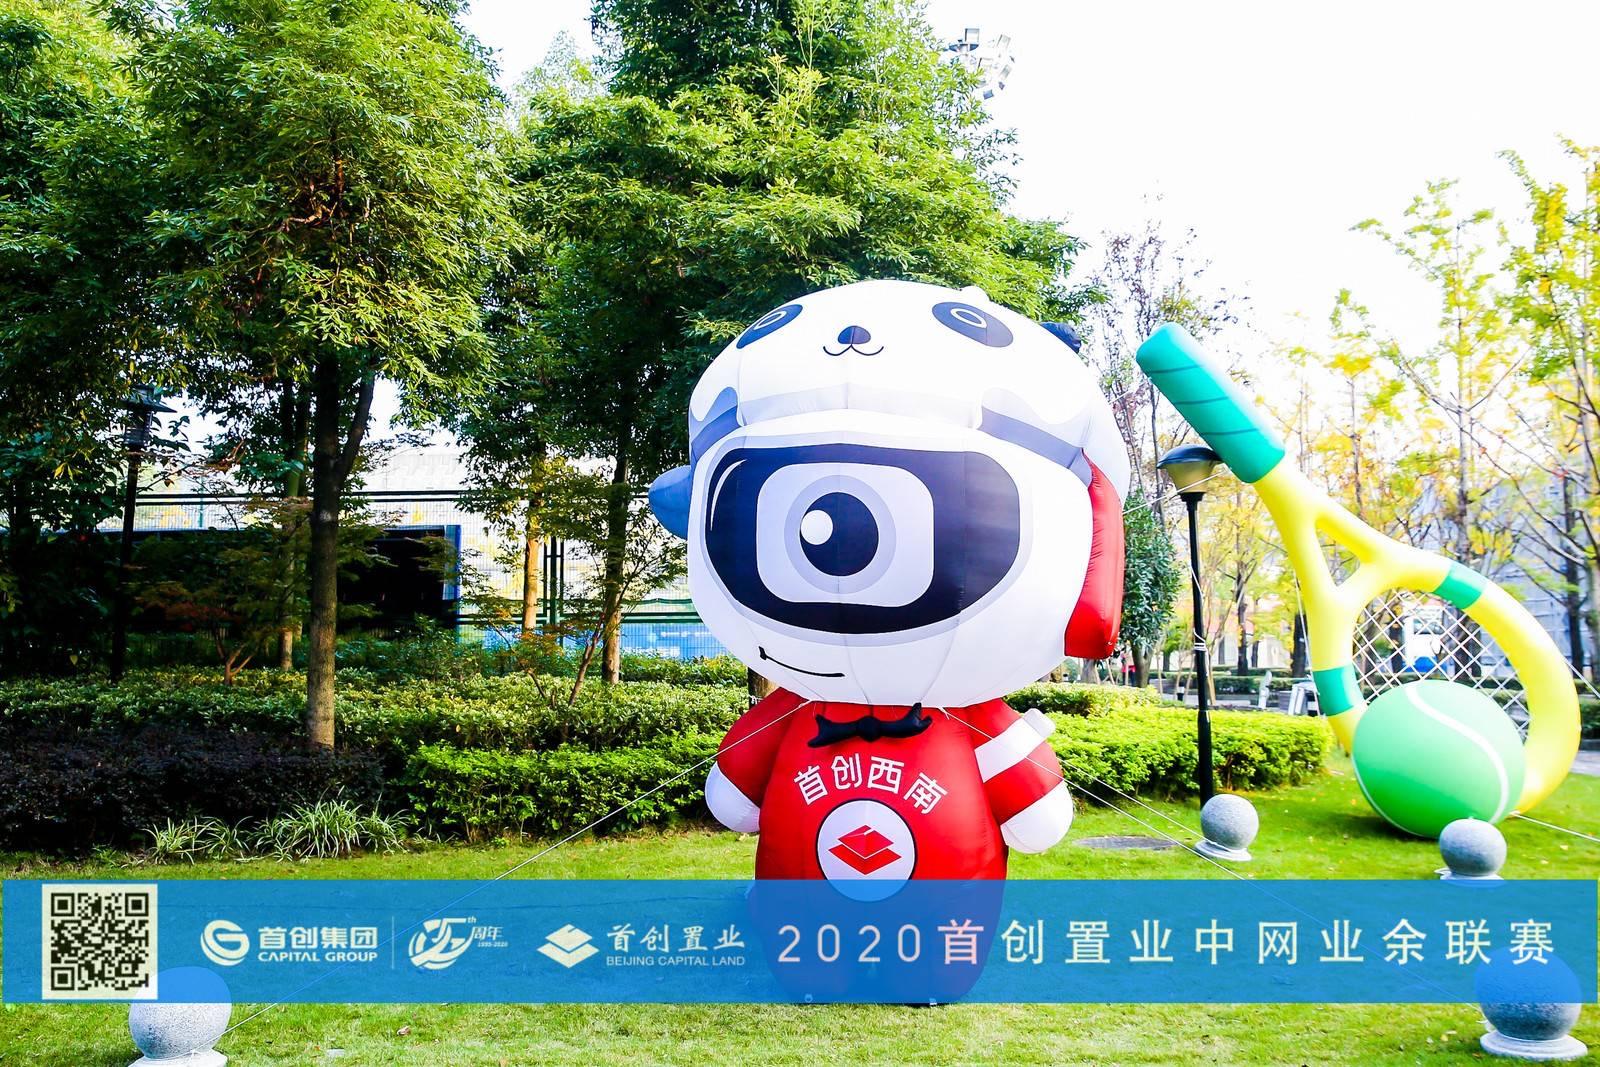 从昆明到北京,首创置业中网业余联赛一路走来成就了什么?